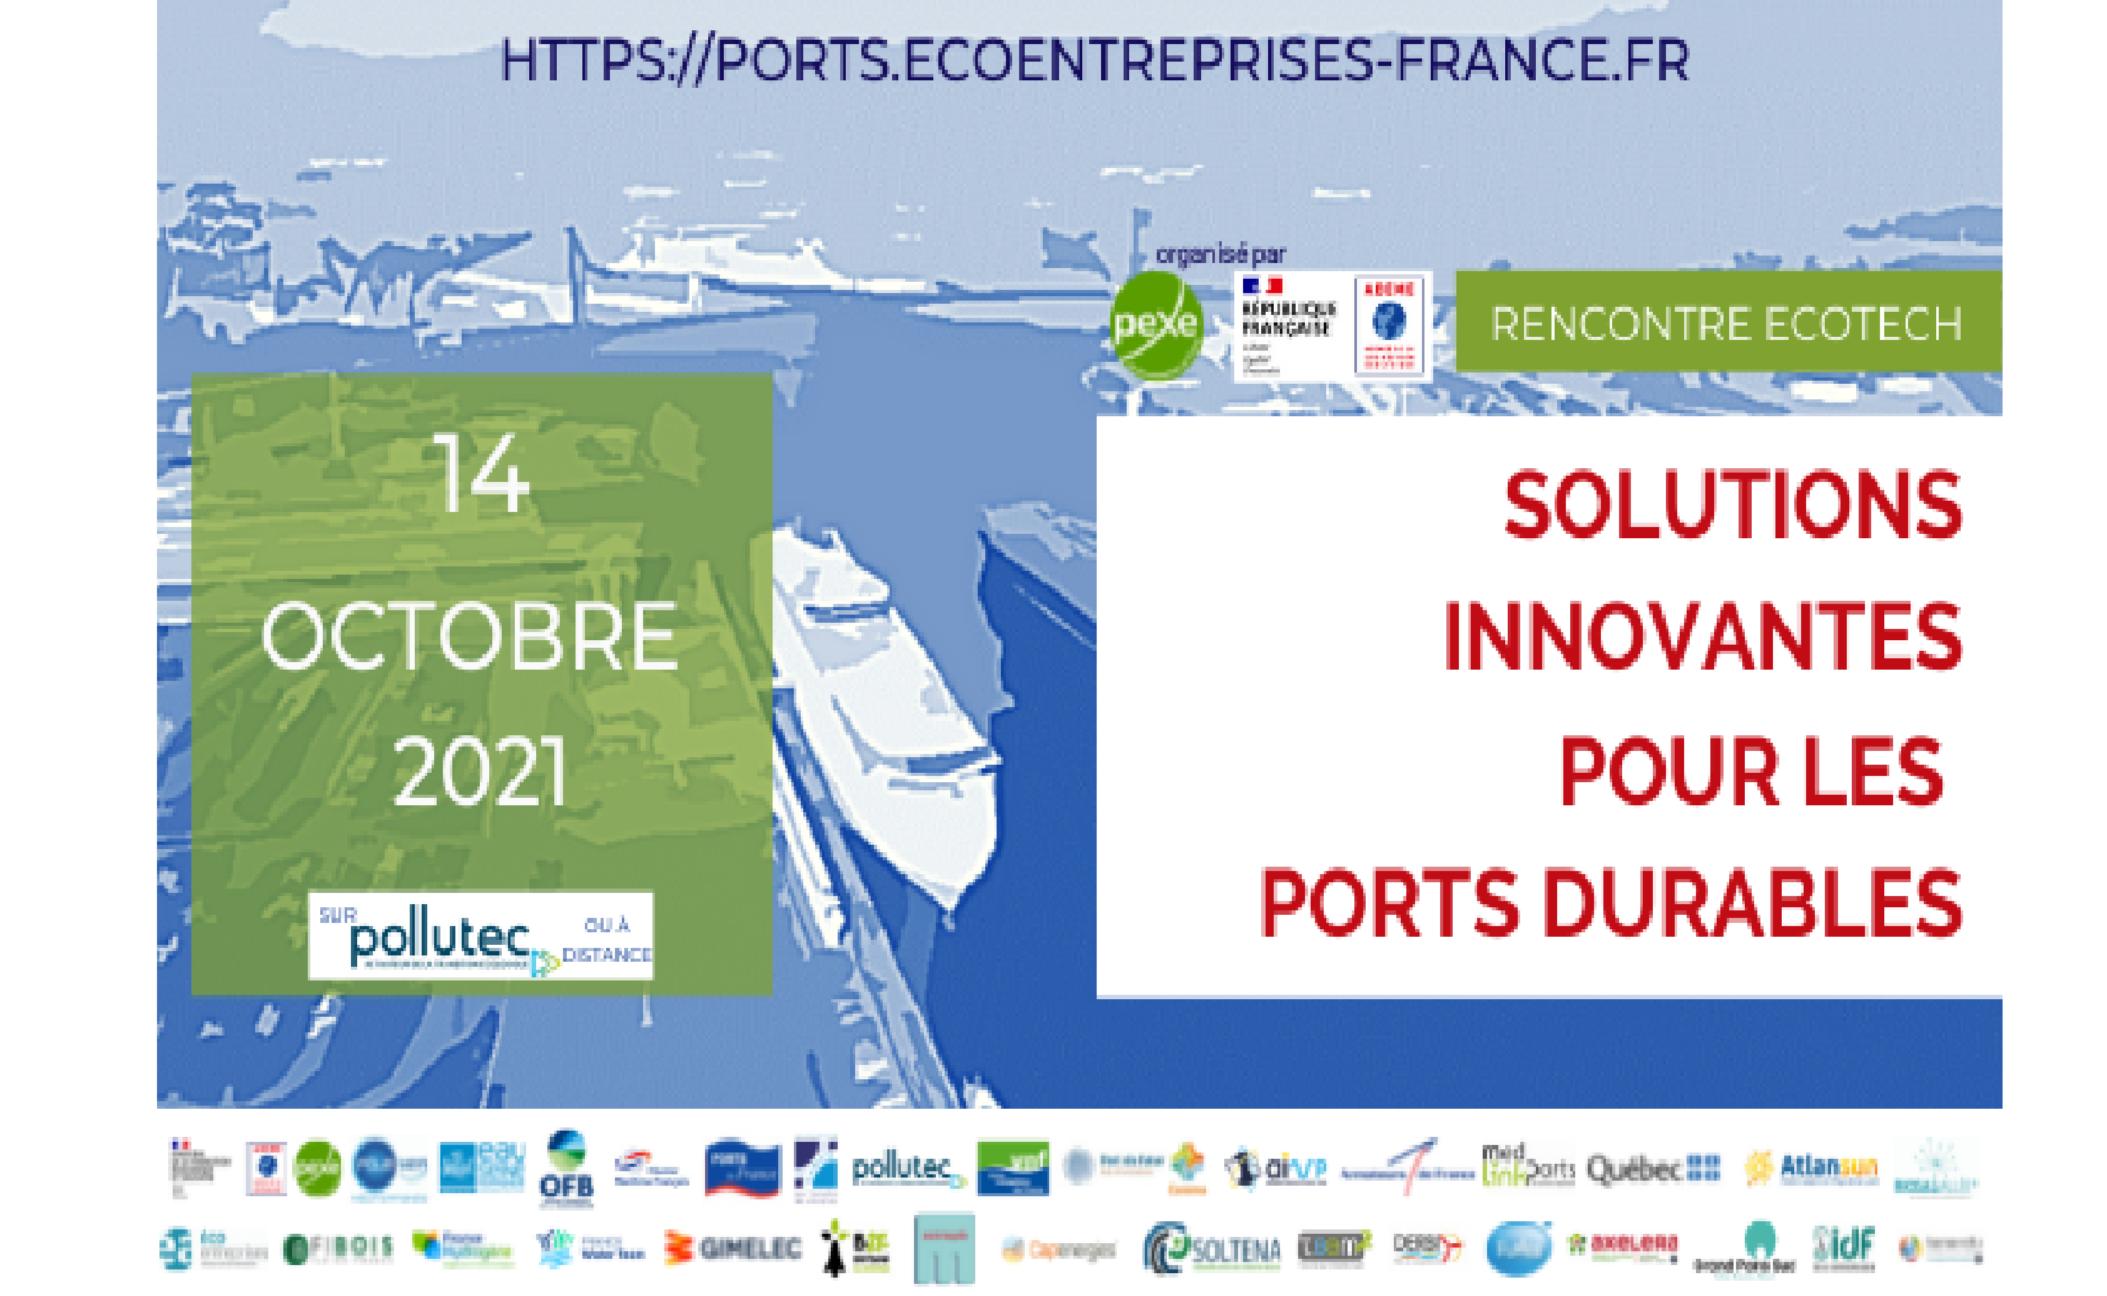 Rencontre Ecotech Ports durables